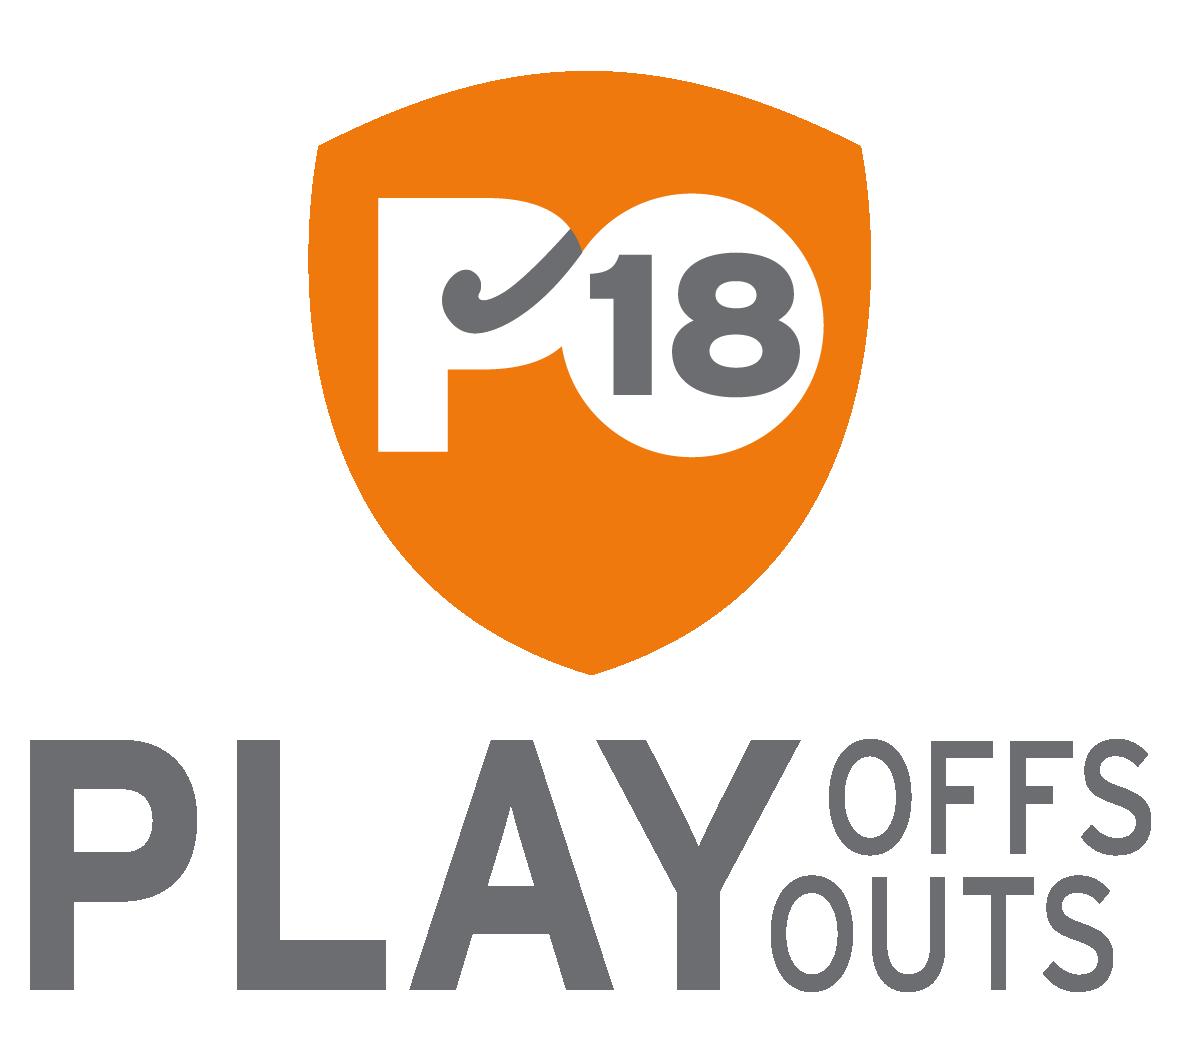 De play-offs 2018... wanneer worden ze gespeeld?